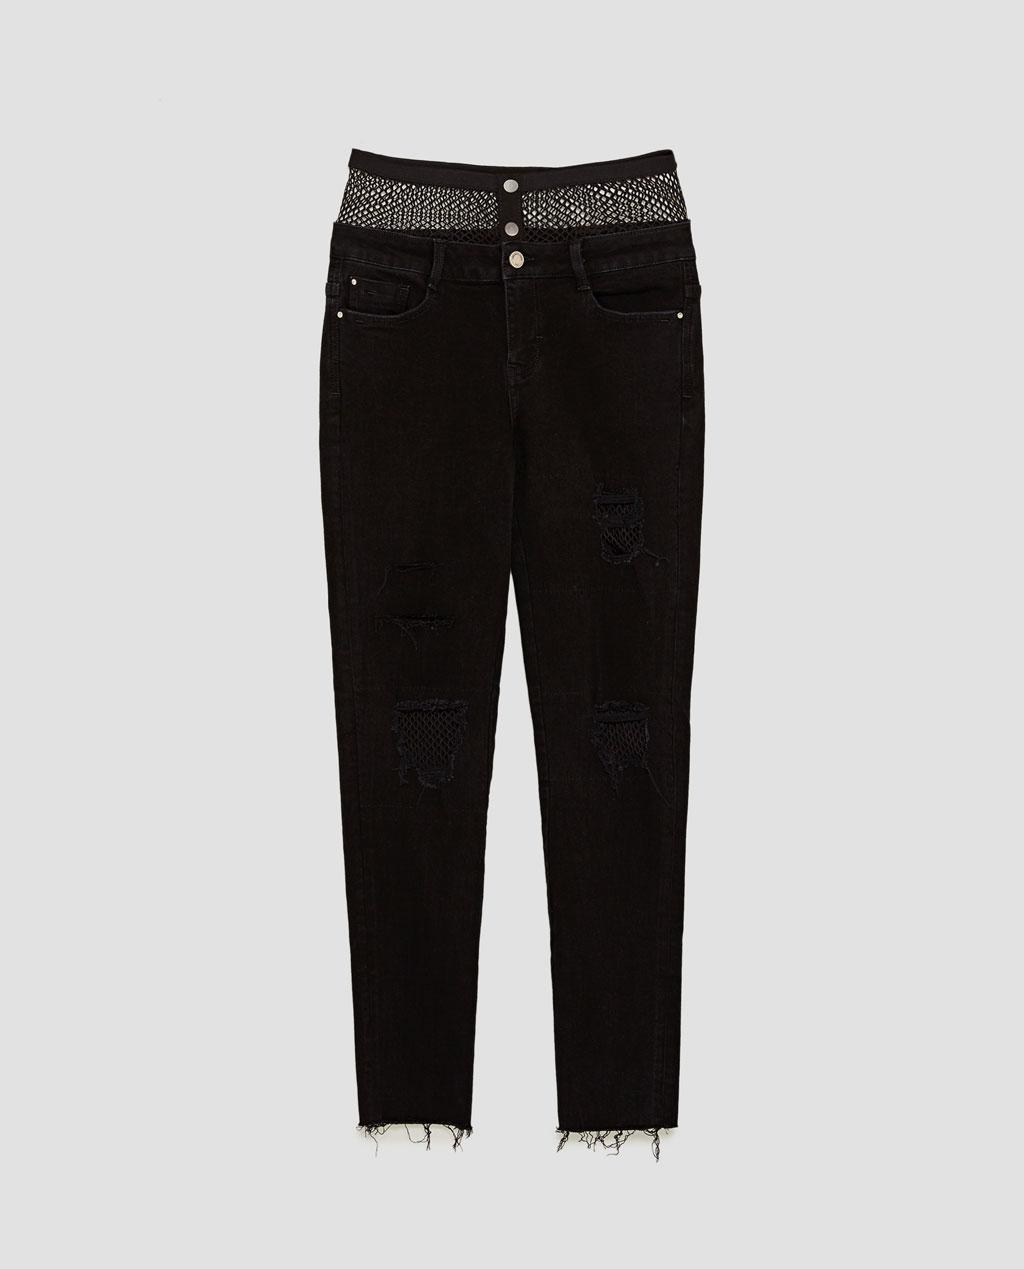 Zara jeans.jpg